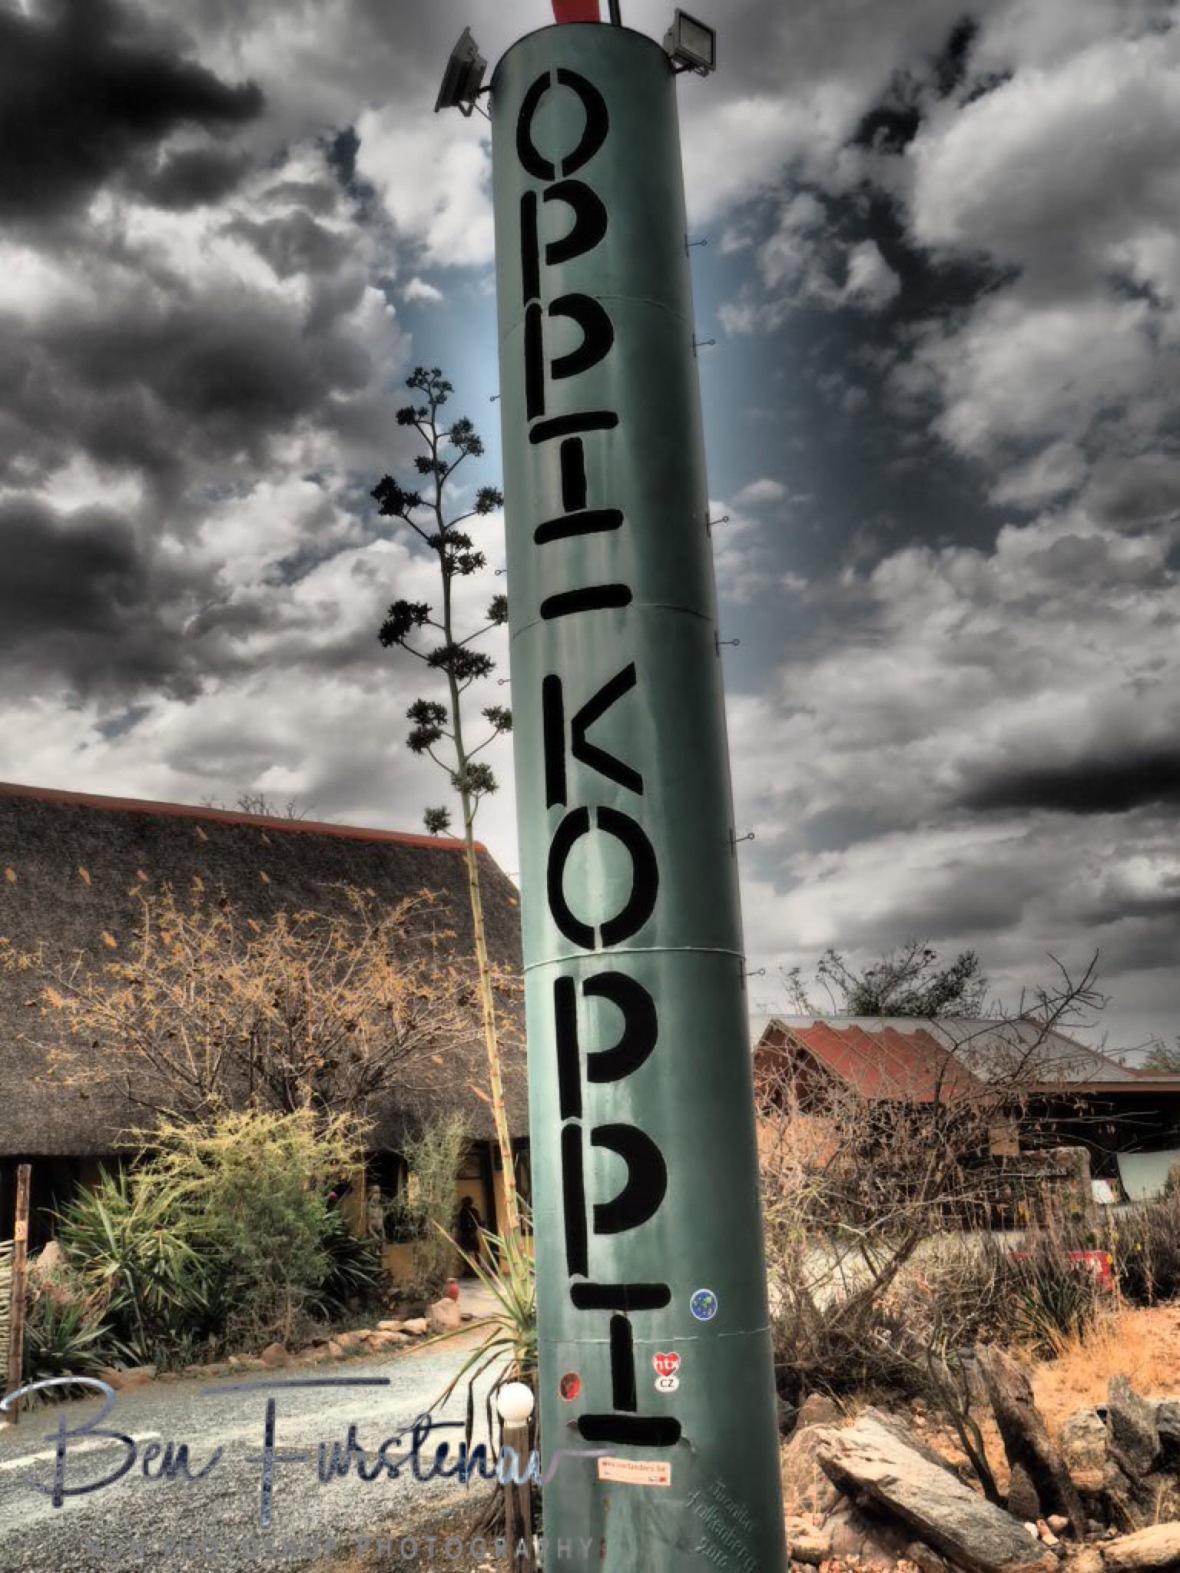 Can't miss the sign for Oppi Koppi, Kamanjab, Namibia